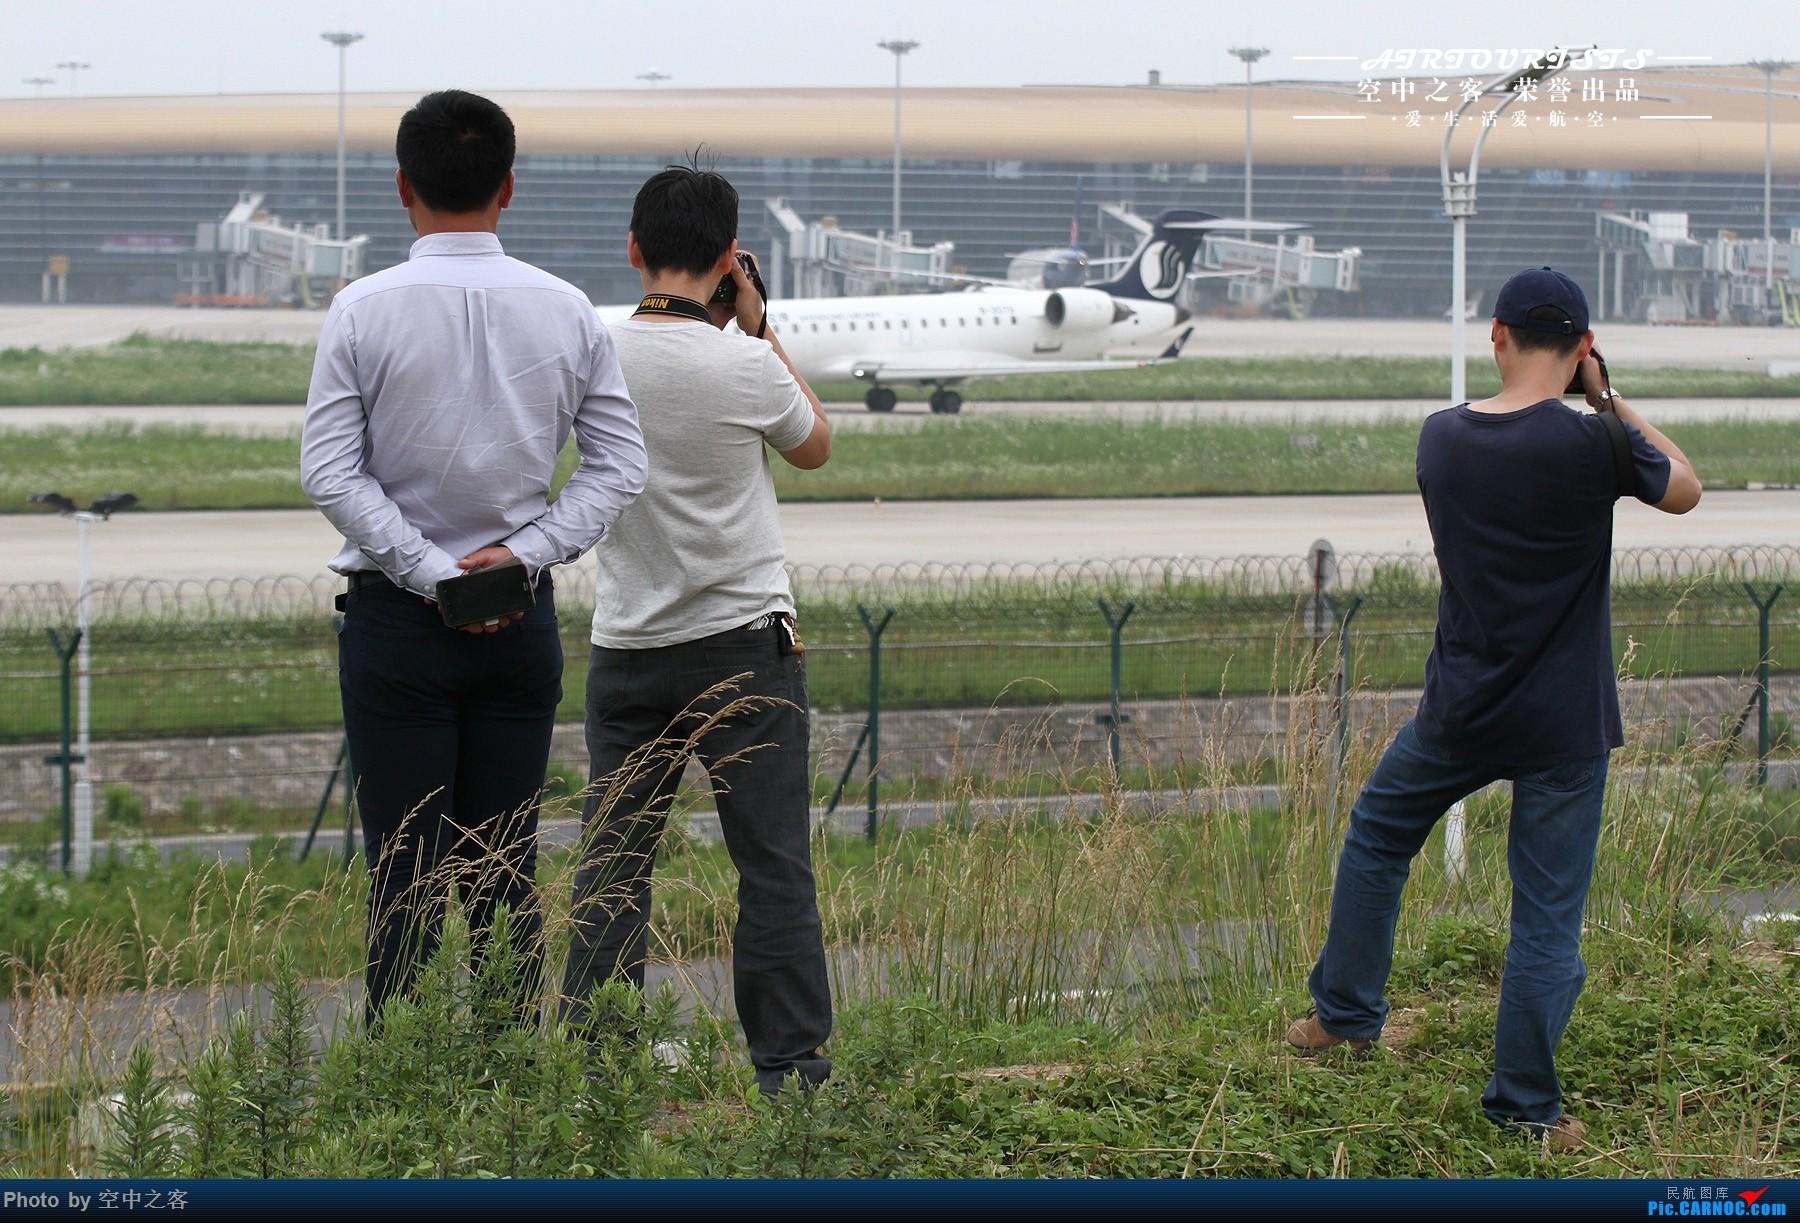 [原创][合肥飞友会·霸都打机队 空中之客出品]虽然水泥天也要来一场说走就走的拍机(前传)     飞友